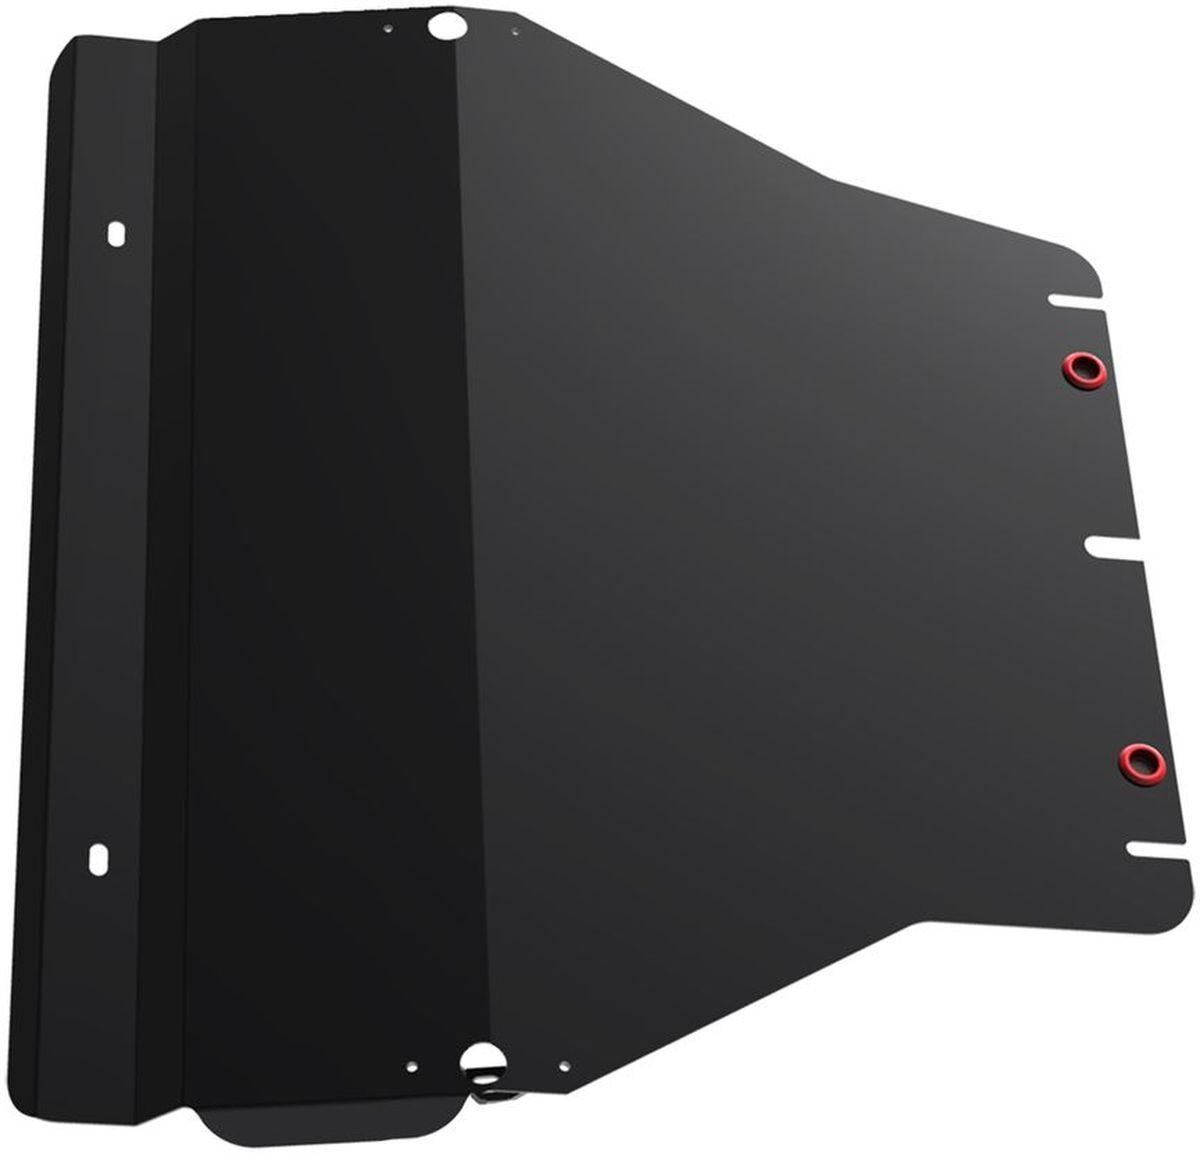 Защита картера и КПП Автоброня, для Volkswagen Caravelle/Multivan/Transporter T5. 111.05806.1SVC-300Технологически совершенный продукт за невысокую стоимость.Защита разработана с учетом особенностей днища автомобиля, что позволяет сохранить дорожный просвет с минимальным изменением.Защита устанавливается в штатные места кузова автомобиля. Глубокий штамп обеспечивает до двух раз больше жесткости в сравнении с обычной защитой той же толщины. Проштампованные ребра жесткости препятствуют деформации защиты при ударах.Тепловой зазор и вентиляционные отверстия обеспечивают сохранение температурного режима двигателя в норме. Скрытый крепеж предотвращает срыв крепежных элементов при наезде на препятствие.Шумопоглощающие резиновые элементы обеспечивают комфортную езду без вибраций и скрежета металла, а съемные лючки для слива масла и замены фильтра - экономию средств и время.Конструкция изделия не влияет на пассивную безопасность автомобиля (при ударе защита не воздействует на деформационные зоны кузова). Со штатным крепежом. В комплекте инструкция по установке.Толщина стали: 2 мм.